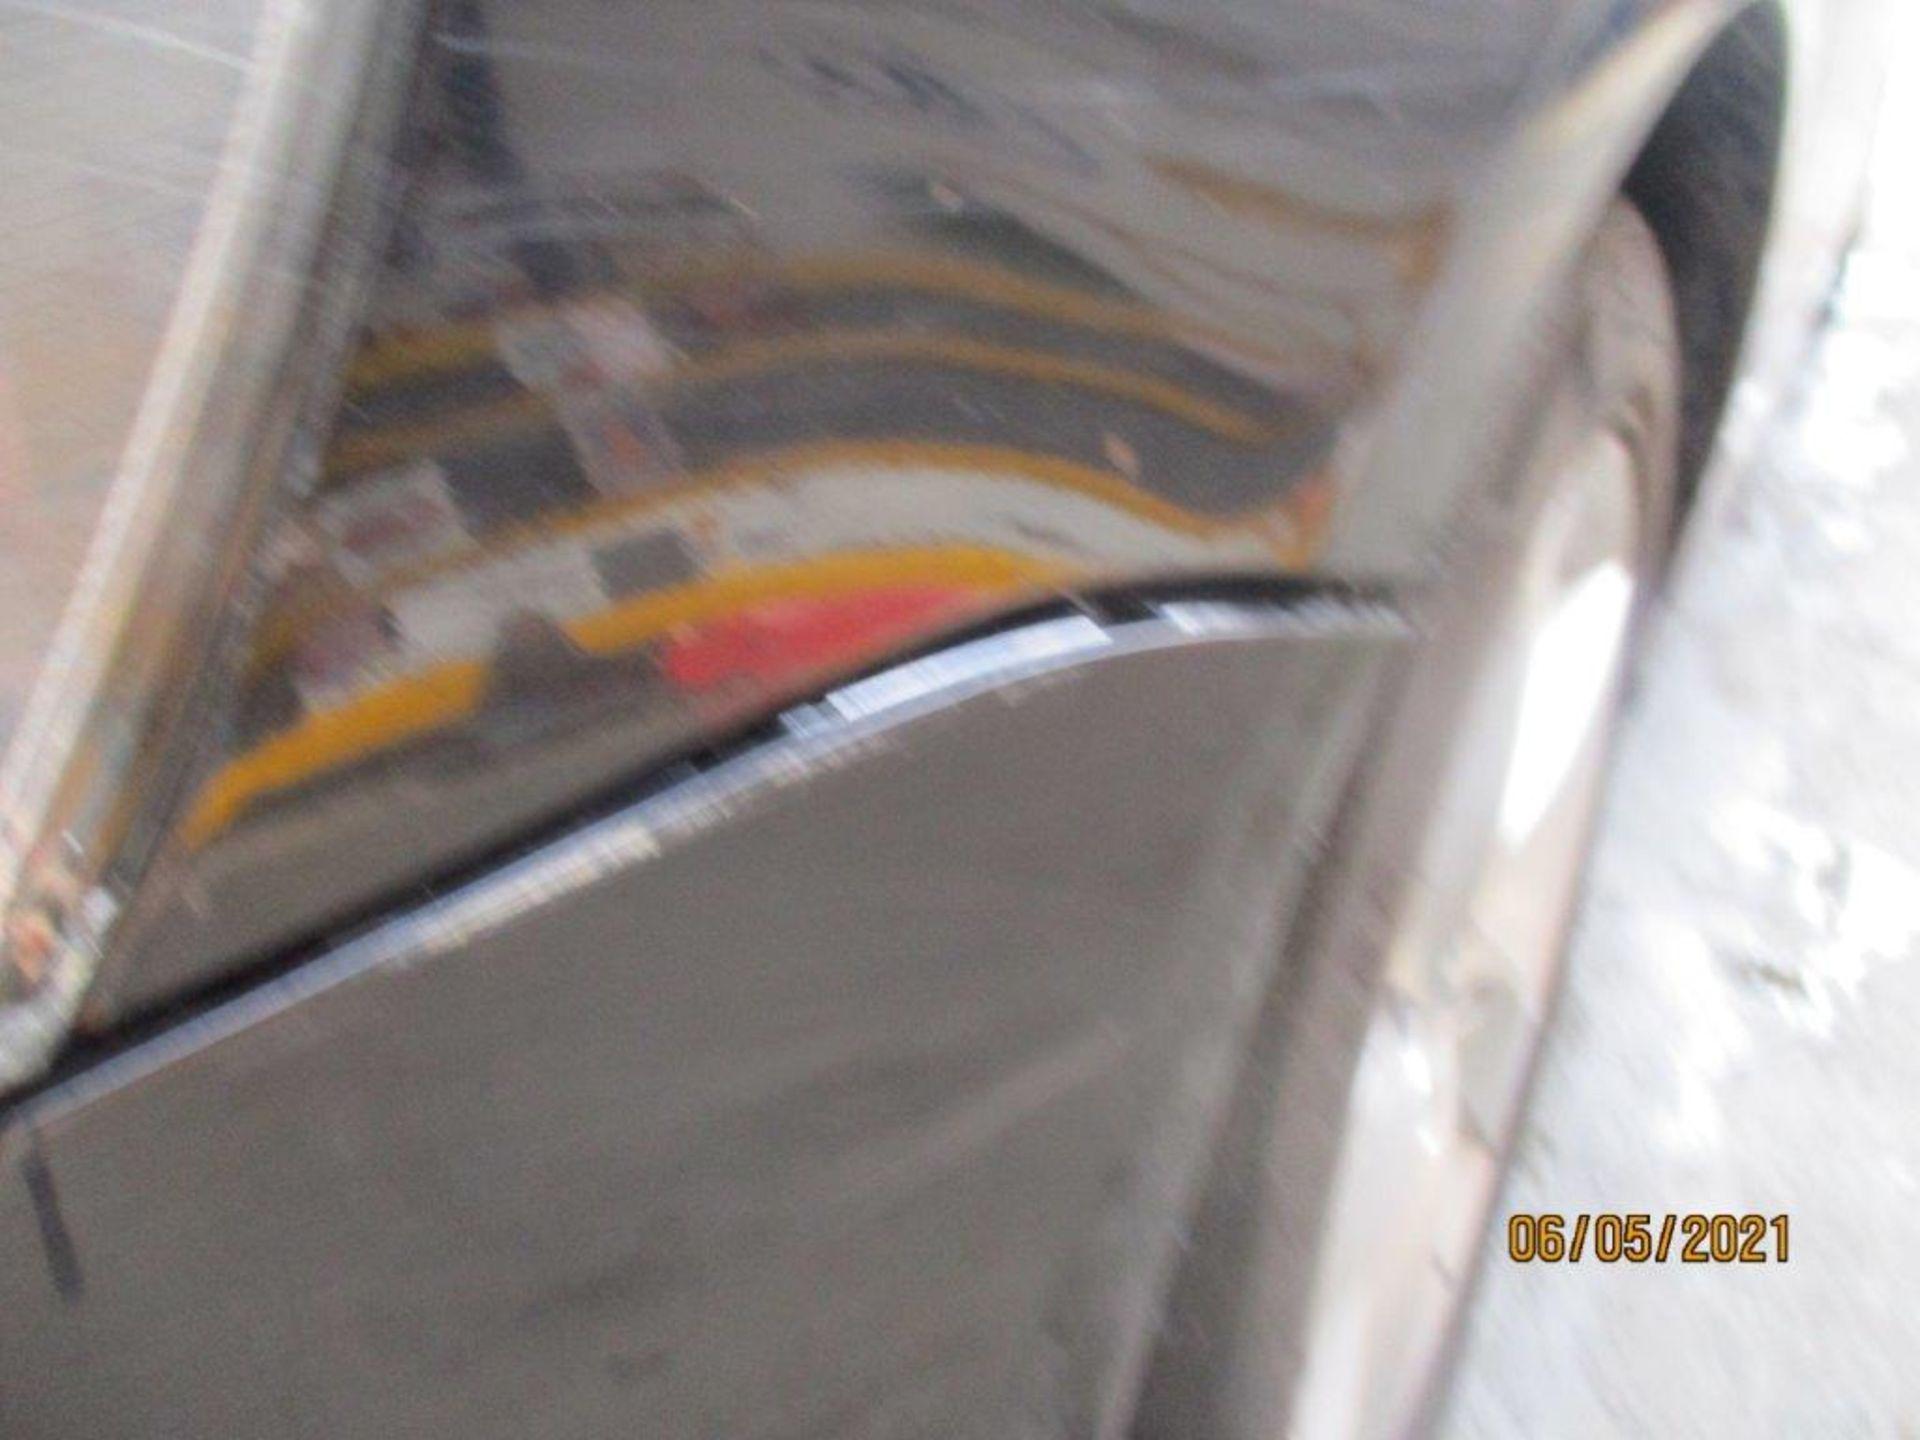 13 13 VW Passat S Bluemotion Tech - Image 28 of 29